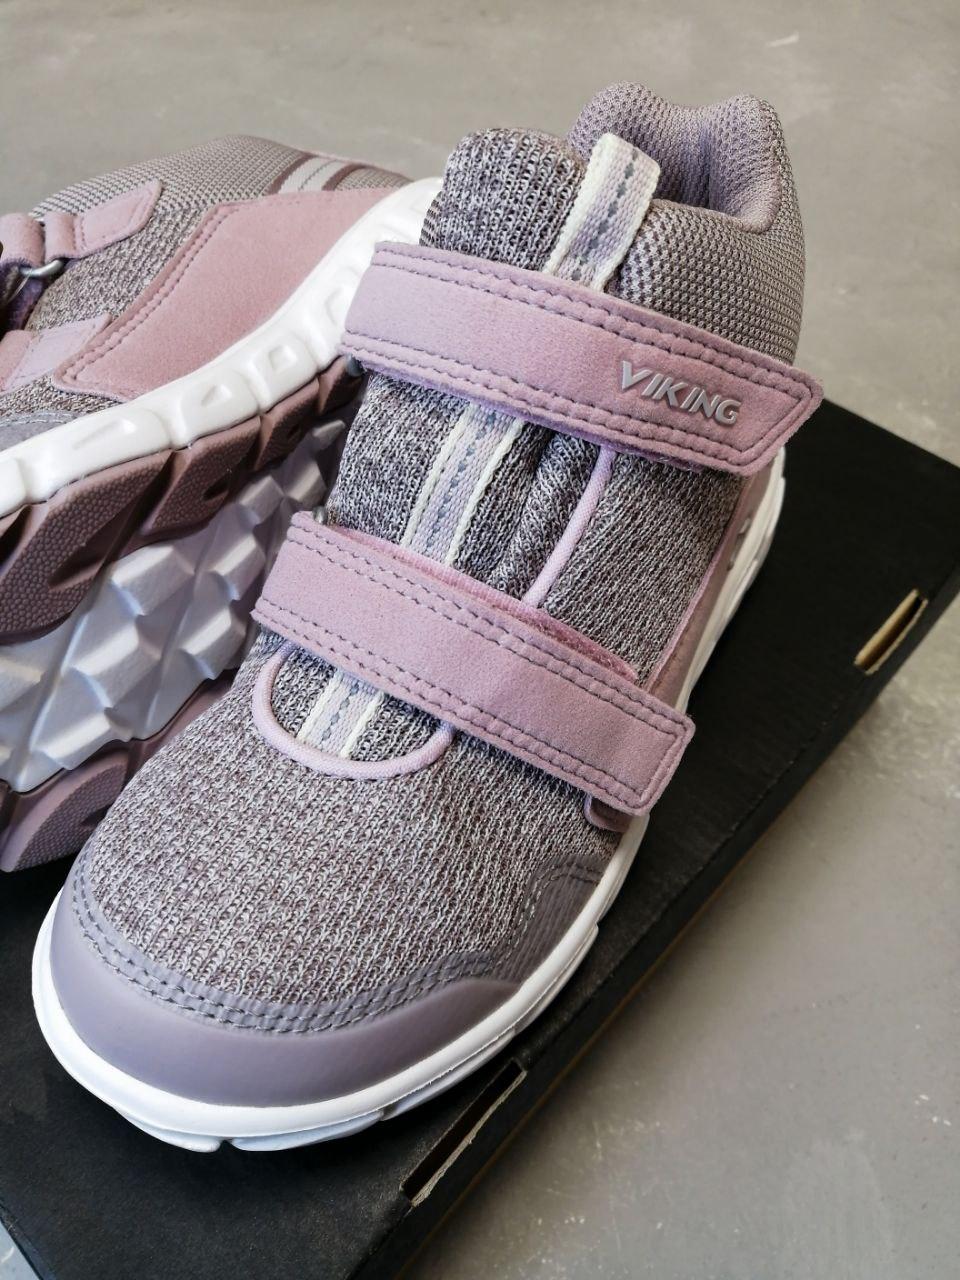 Купить кроссовки Viking для девочек в интернет-магазине Viking-Boots можно с доставкой в любой город России